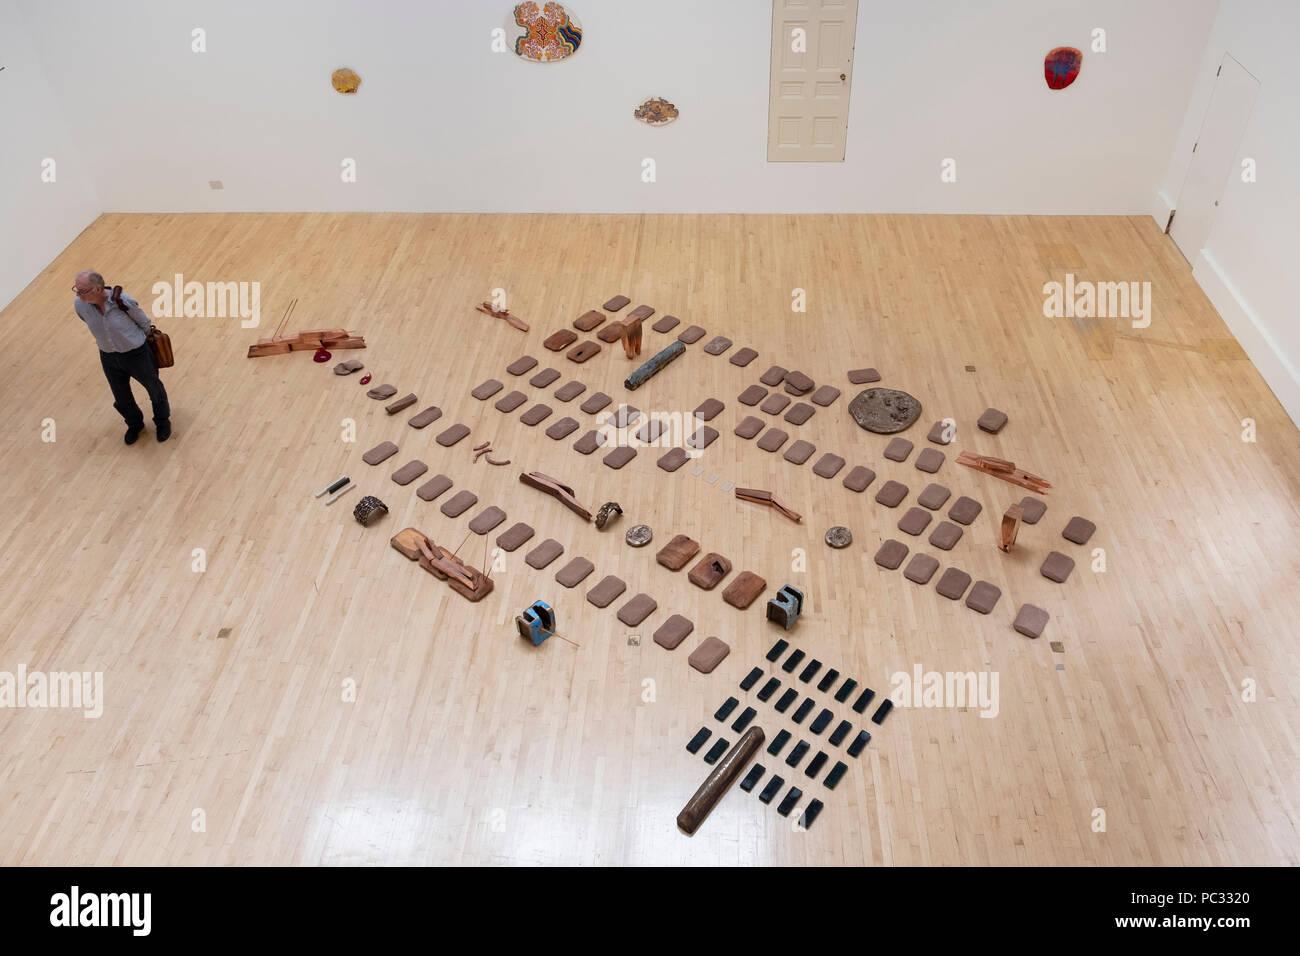 Ausstellung von Lucy Skaer berechtigt, La Chasse im Talbot Rice Gallery in der Universität von Edinburgh, Edinburgh, Schottland, Großbritannien Stockbild